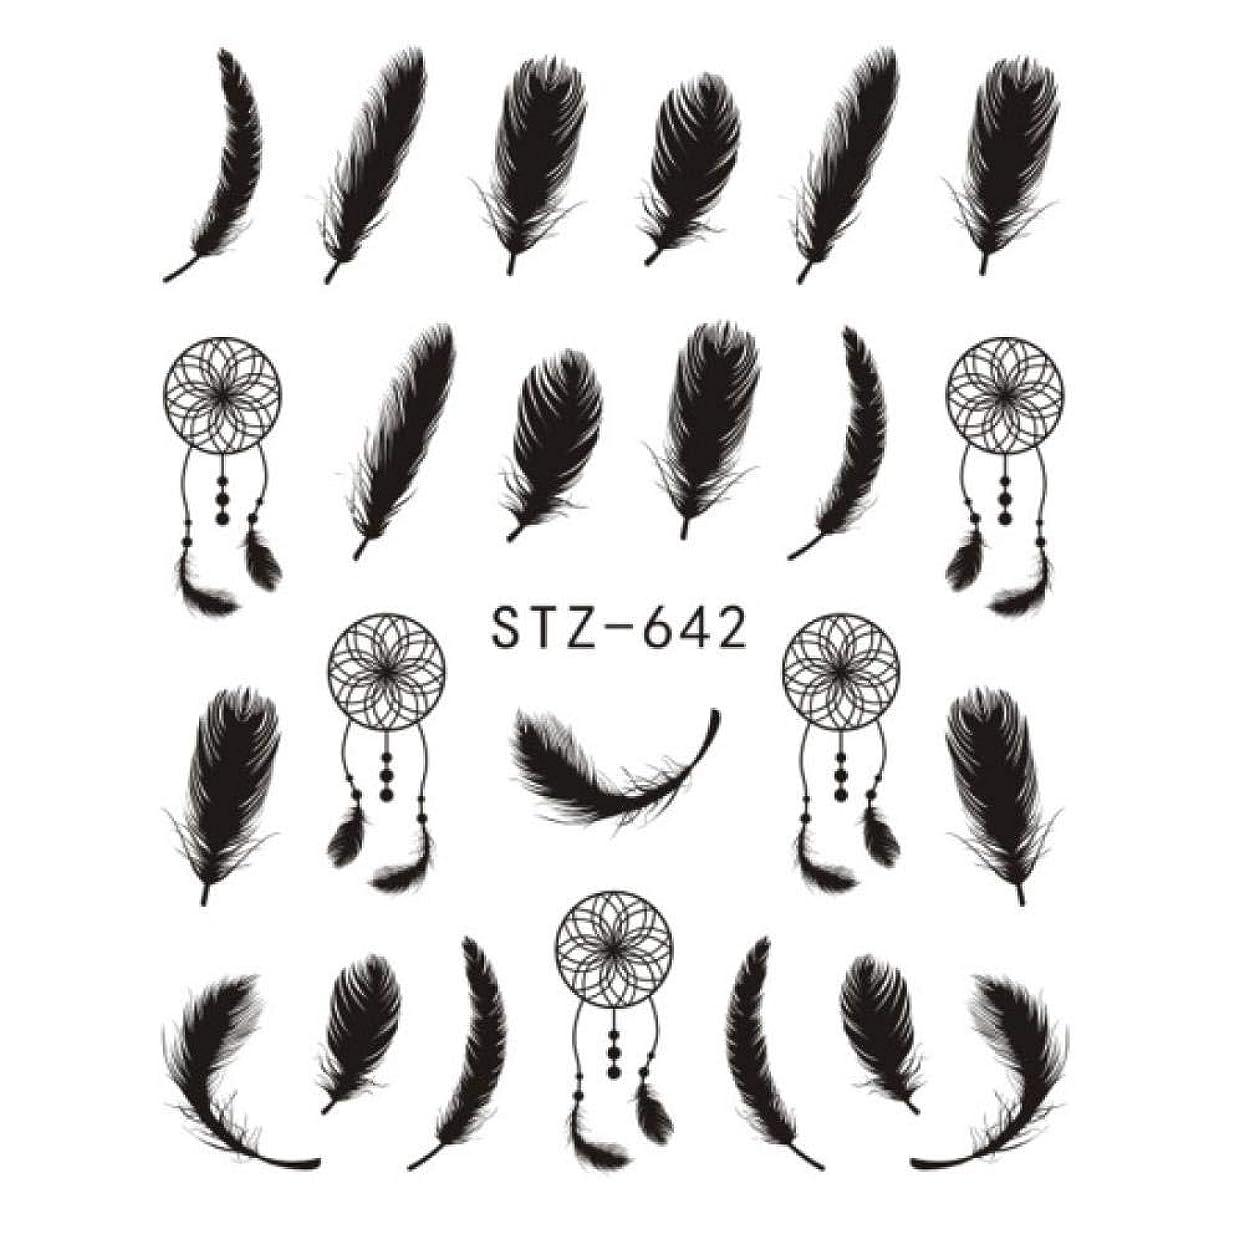 墓地ピグマリオン送信するSUKTI&XIAO ネイルステッカー 1Pcシンプルな芸術的な黒ステンシルネイルアート水転写ステッカージェルネイル、Stz642用の完全な装飾